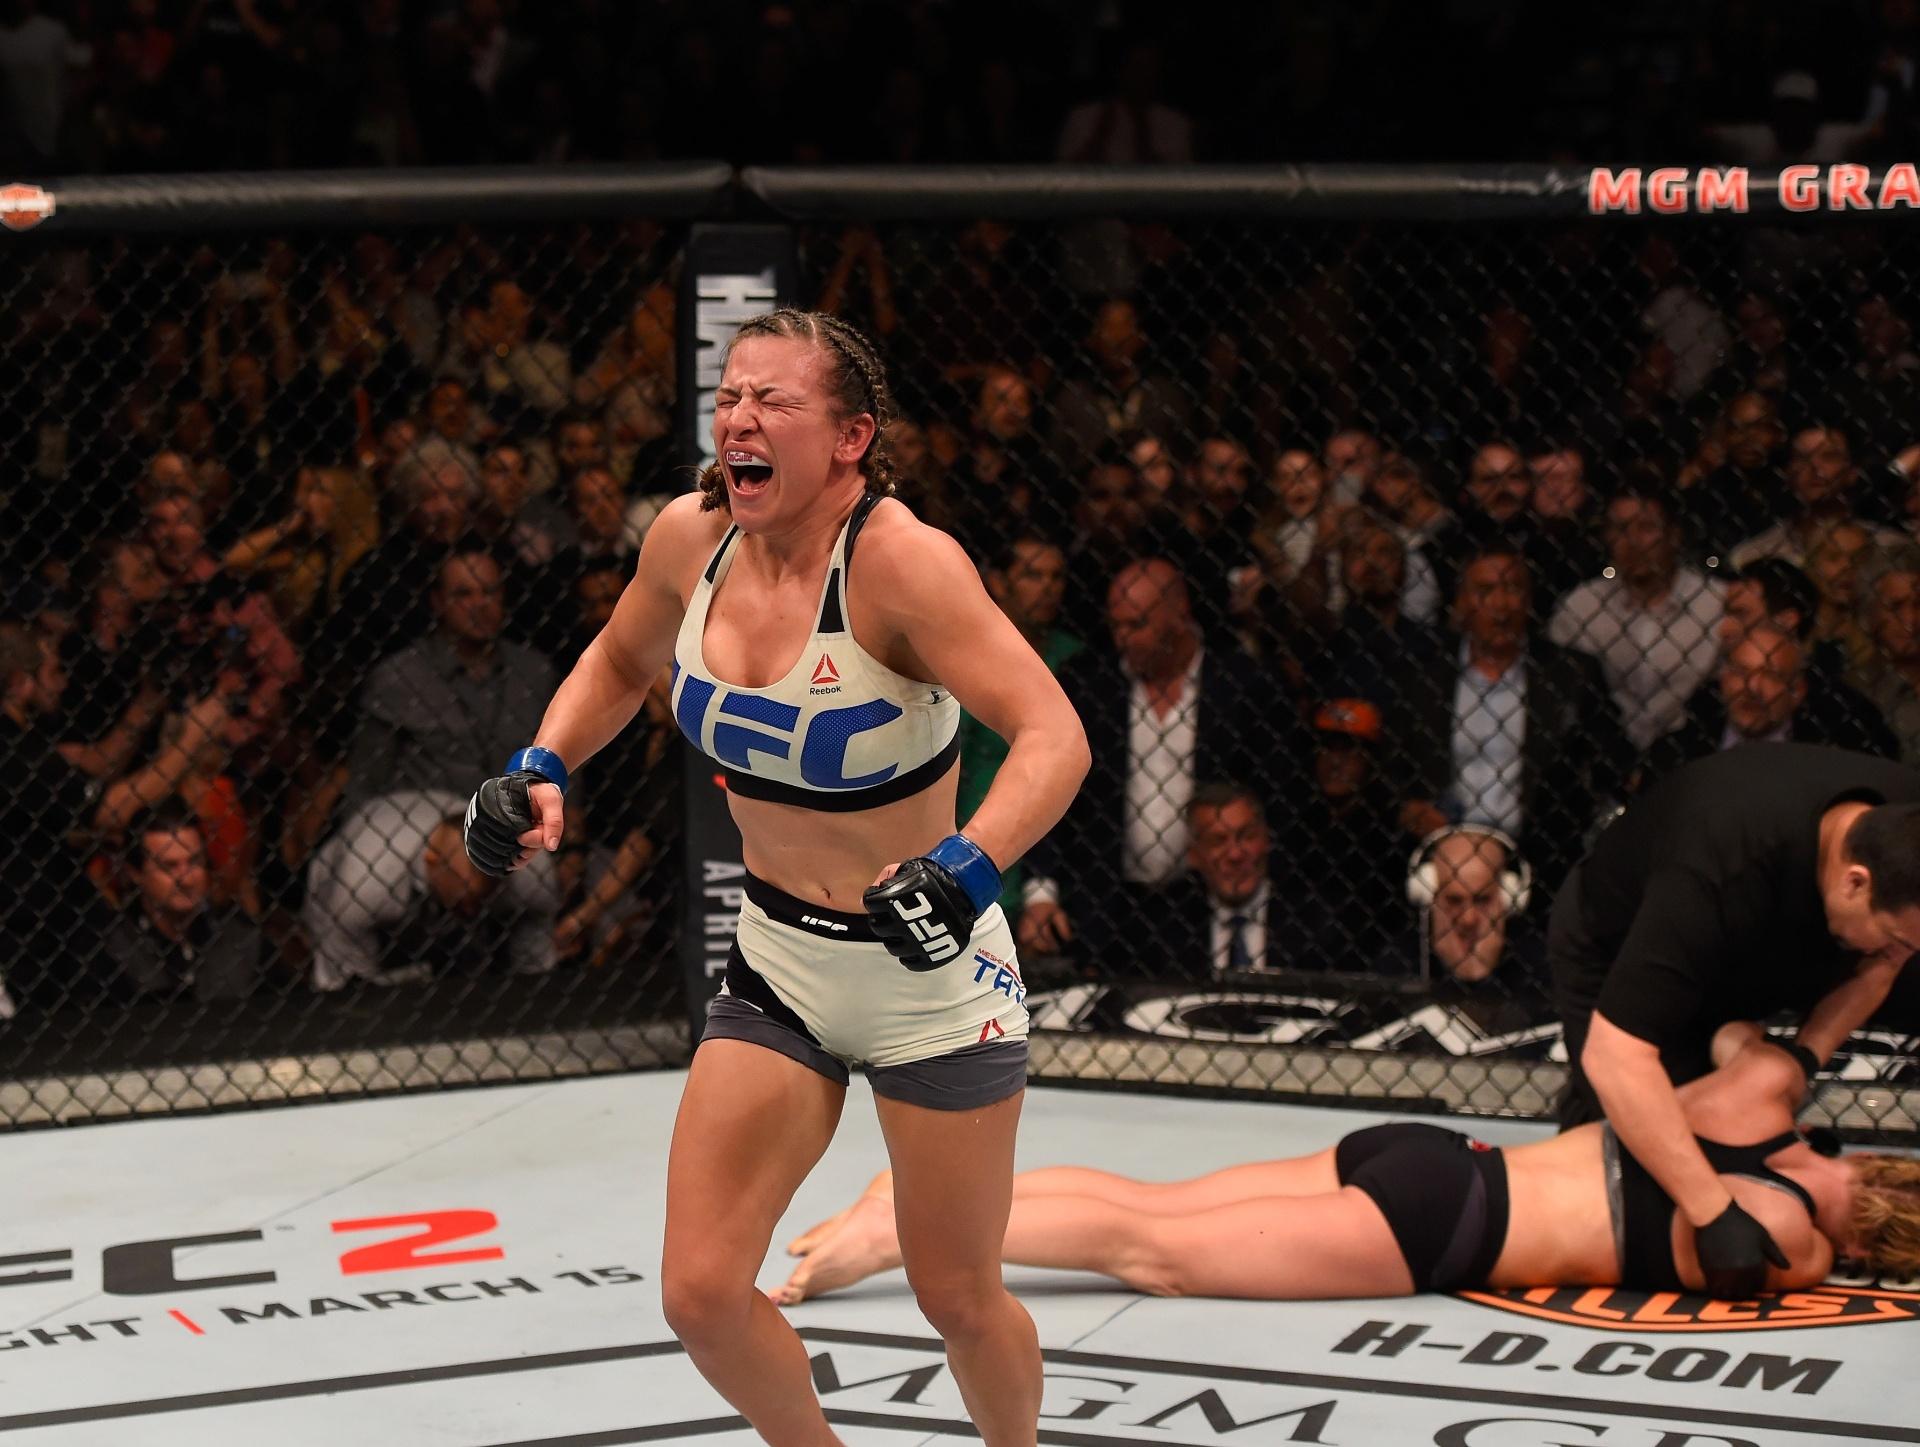 Misha Tate comemora vitória após apagar Holm no UFC 196